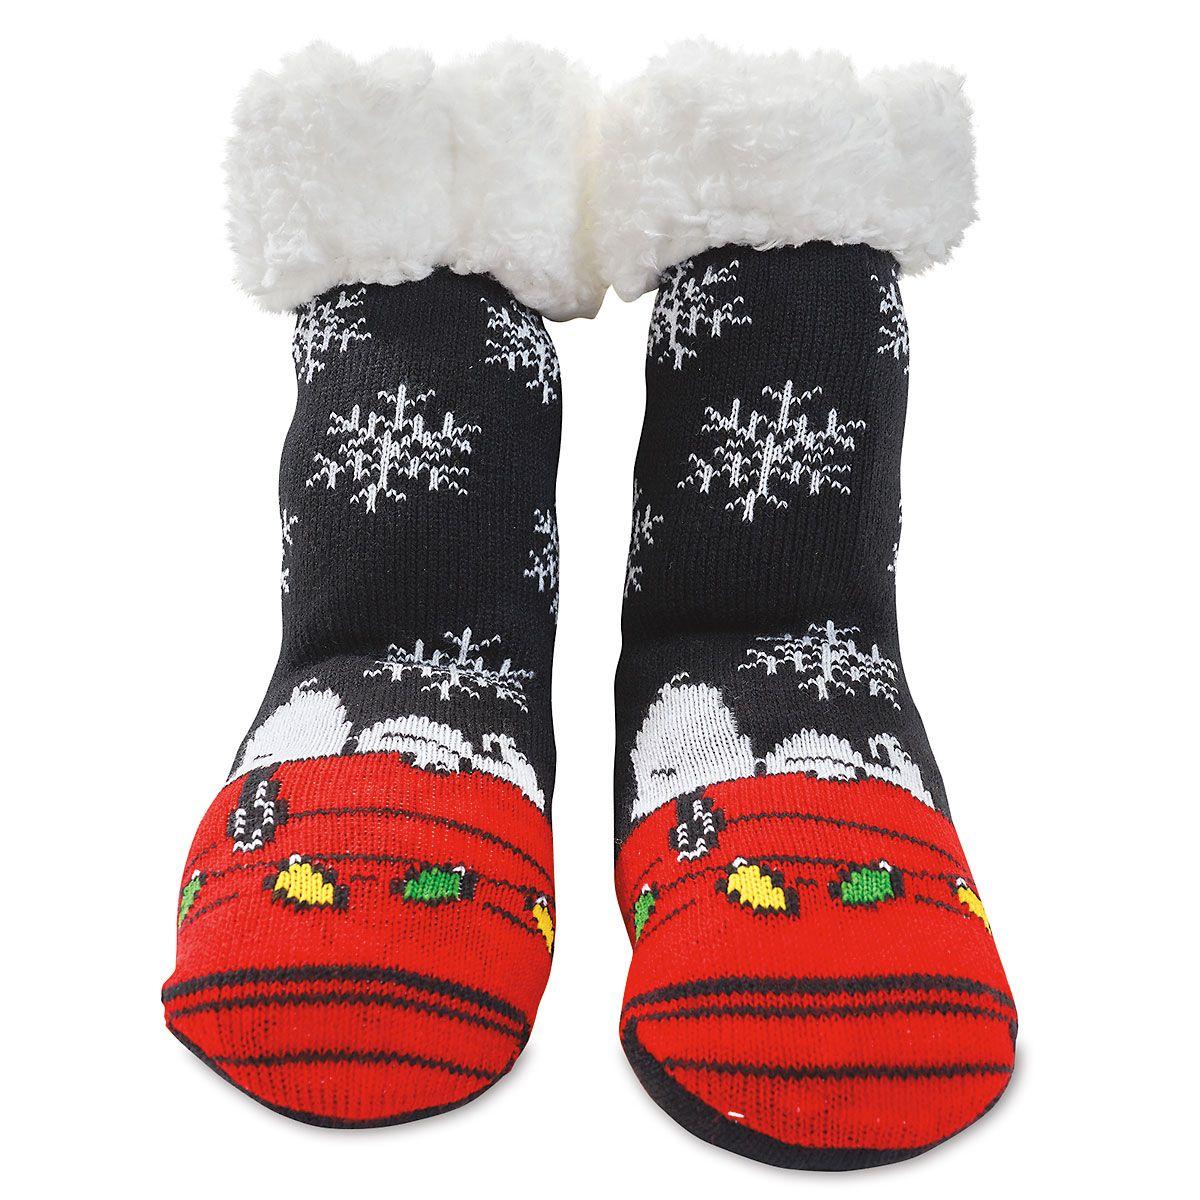 Snoopy & Snowflakes Warmer Socks